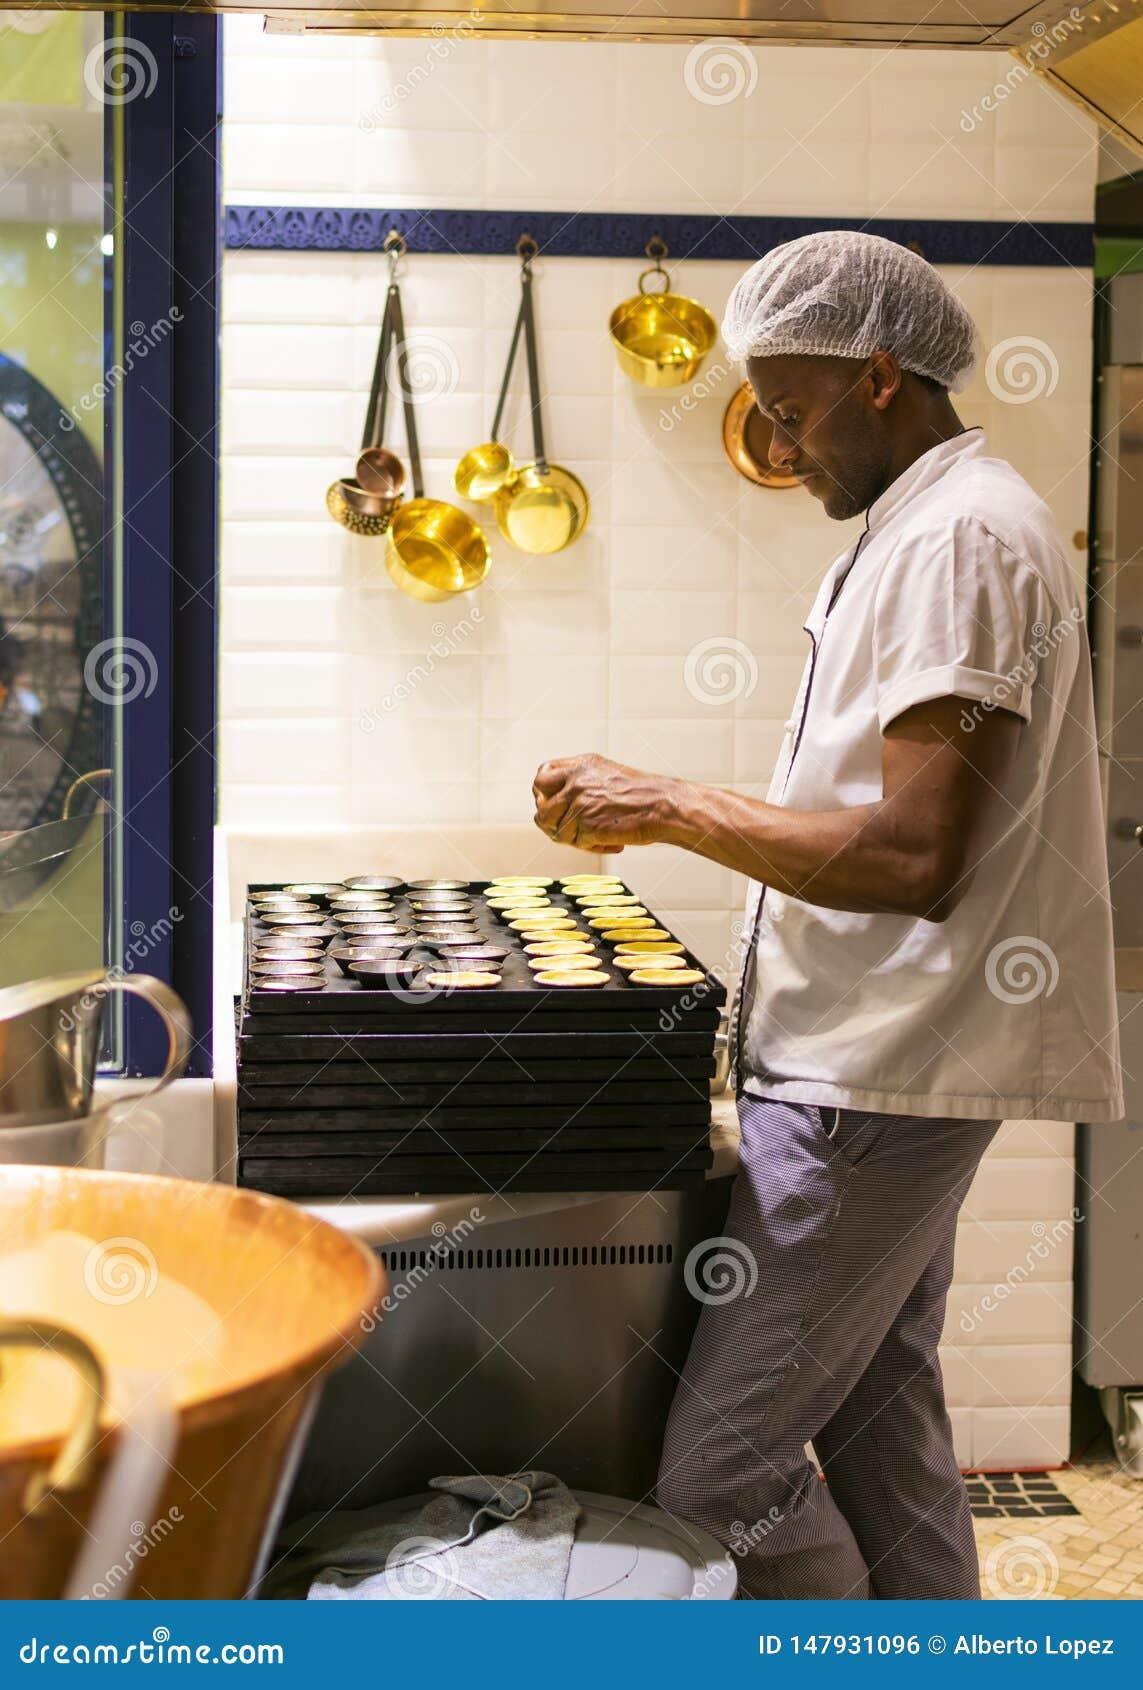 LISSABON, PORTUGAL - APRIL 17, 2019: De chef-kok bereidt traditionele Portugese gebakjes Pastel DE Nata in Lissabon voor